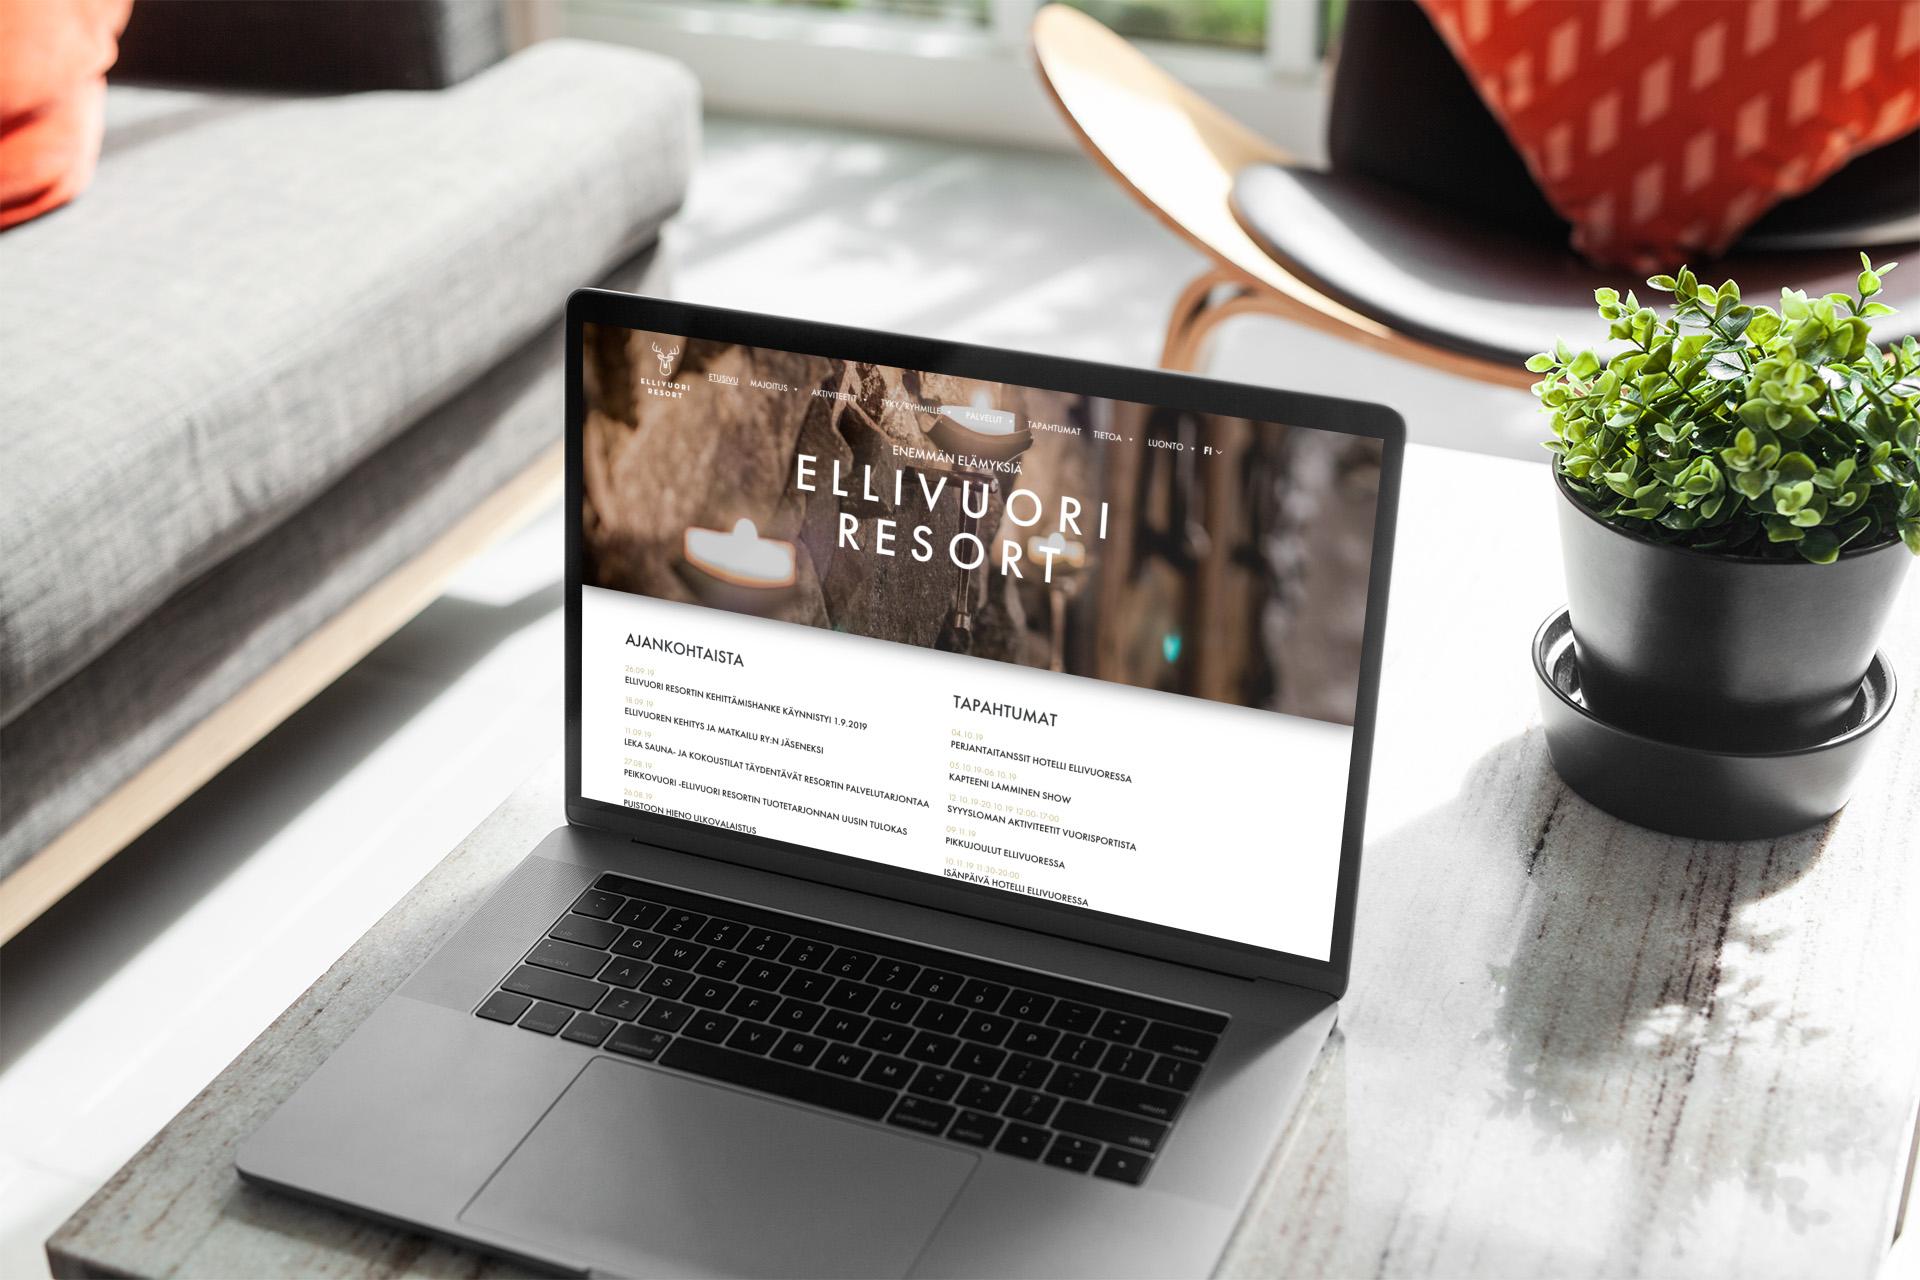 Ellivuoriresort.fi etusivu kannettavan tietokoneen näytöllä, joka on sohvapöydällä.